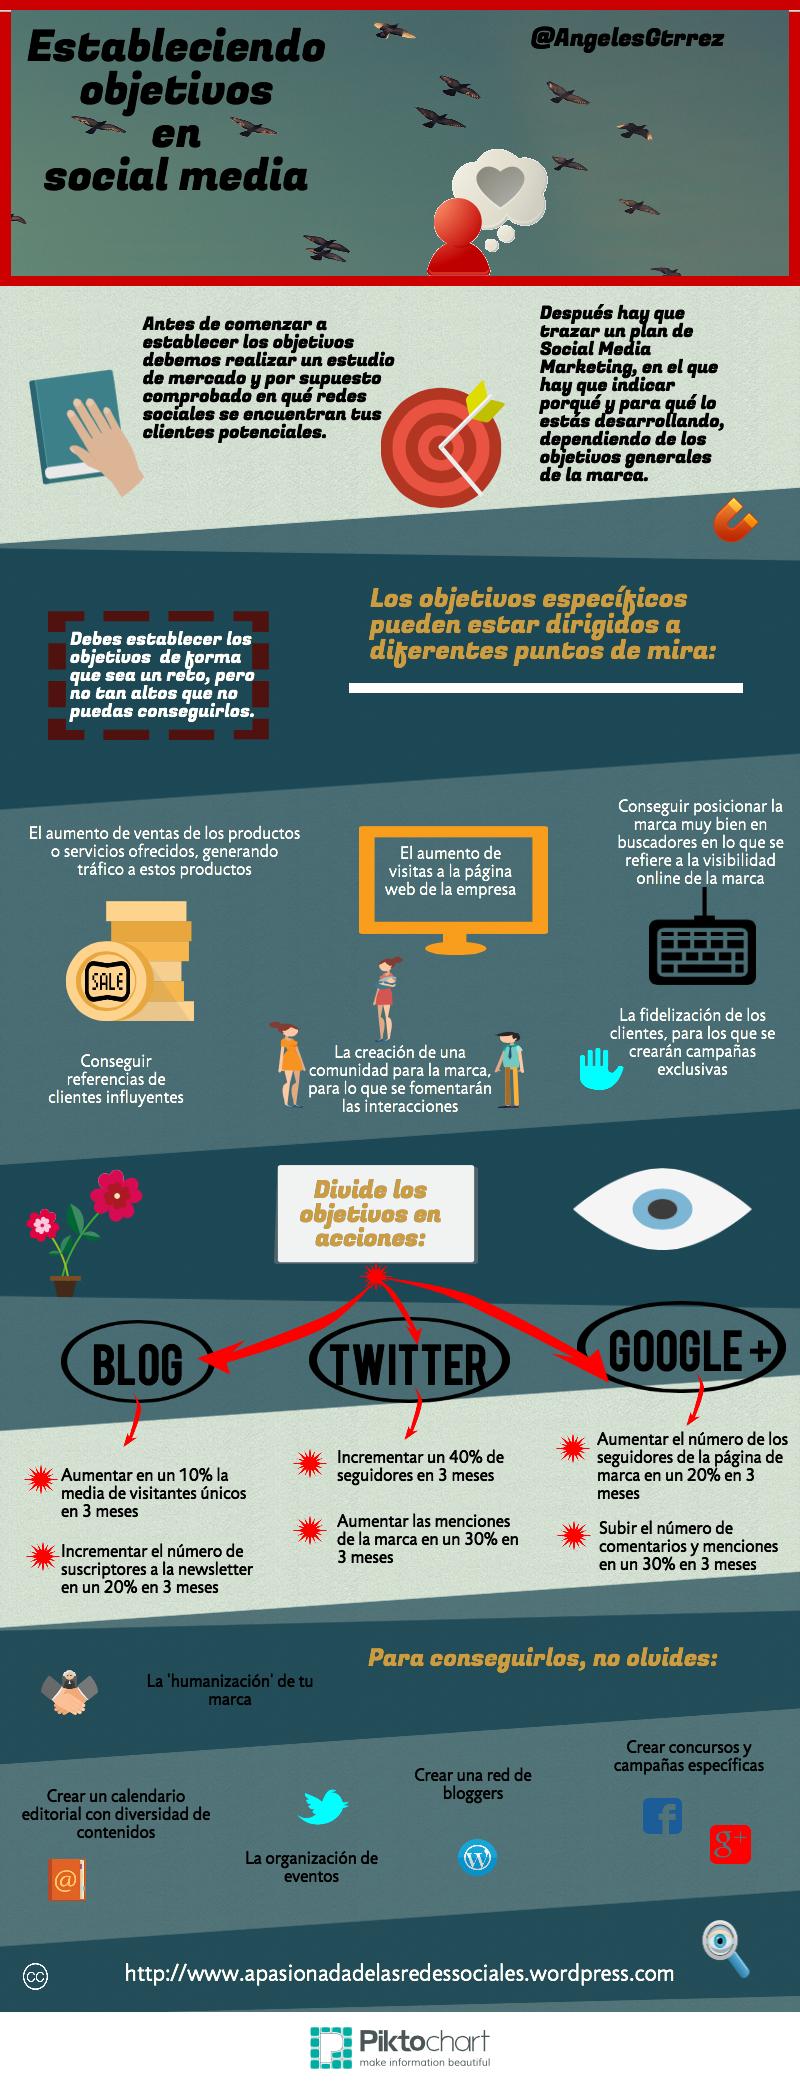 #Infografia #CommunityManager Estableciendo los objetivos en Social Media. #TAVnews